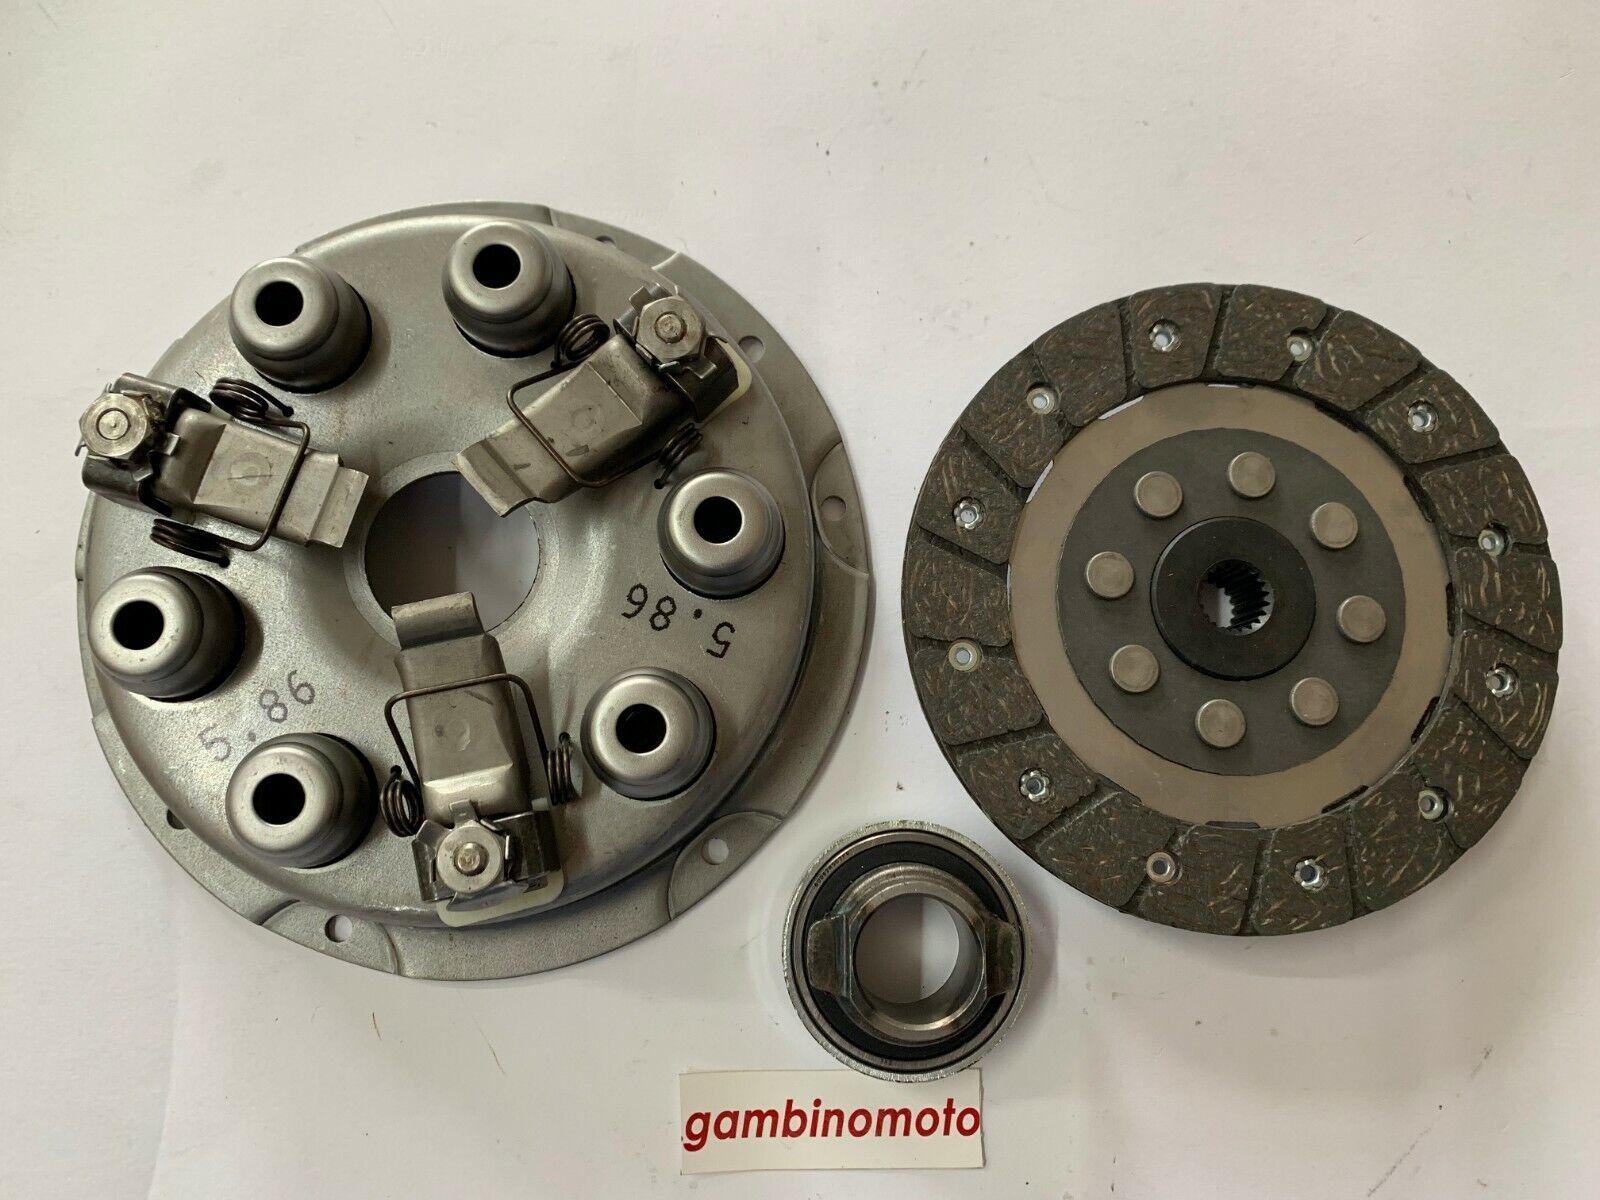 Kupplung Komplett 3 Pezzi Durchmesser 160 Einachsschlepper Ferrari 72 2° Serie